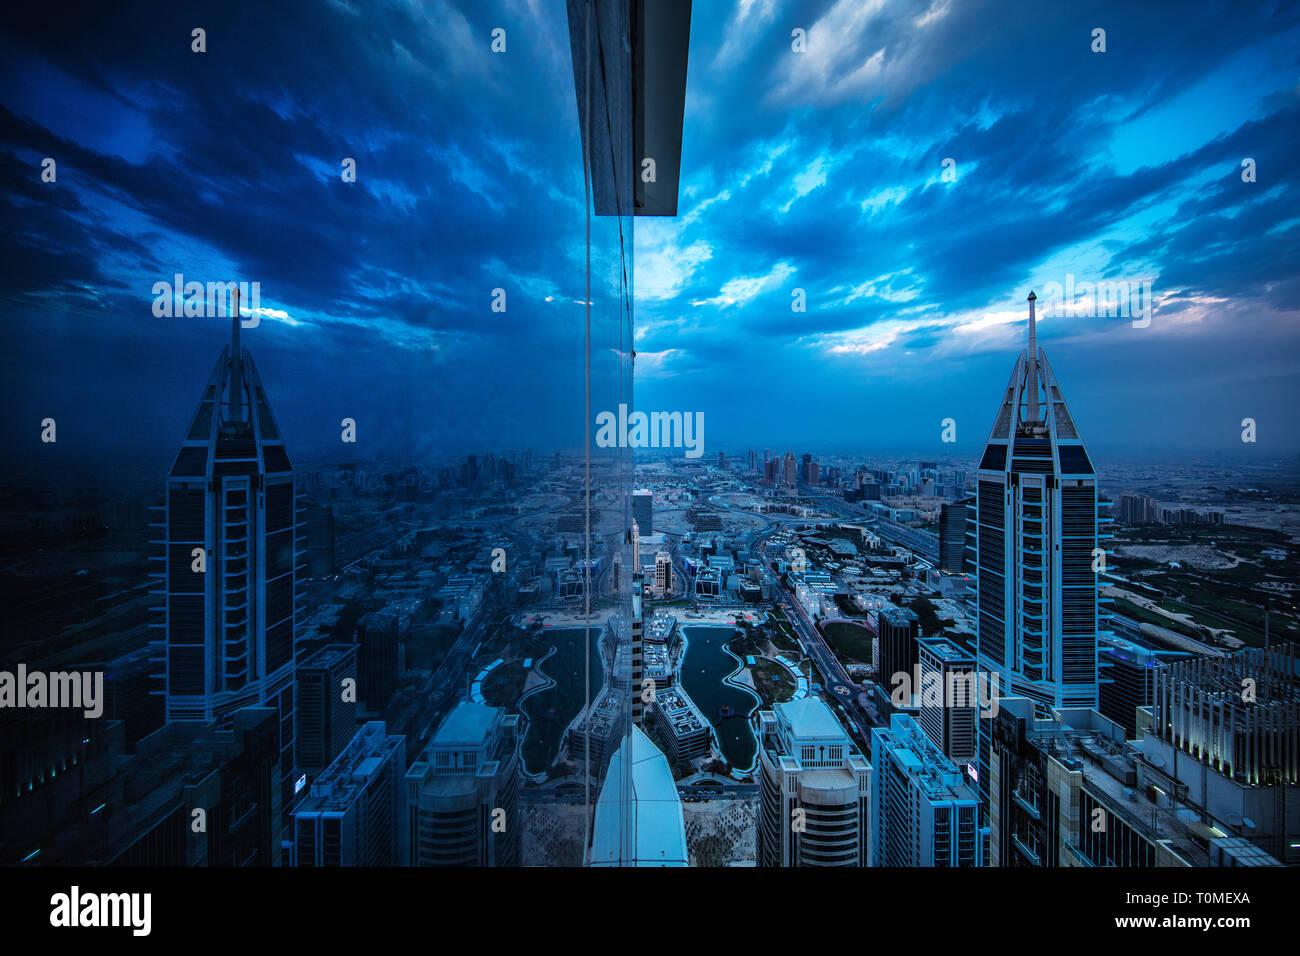 Une réflexion de la Marina de Dubaï, DUBAÏ, ÉMIRATS ARABES UNIS Banque D'Images